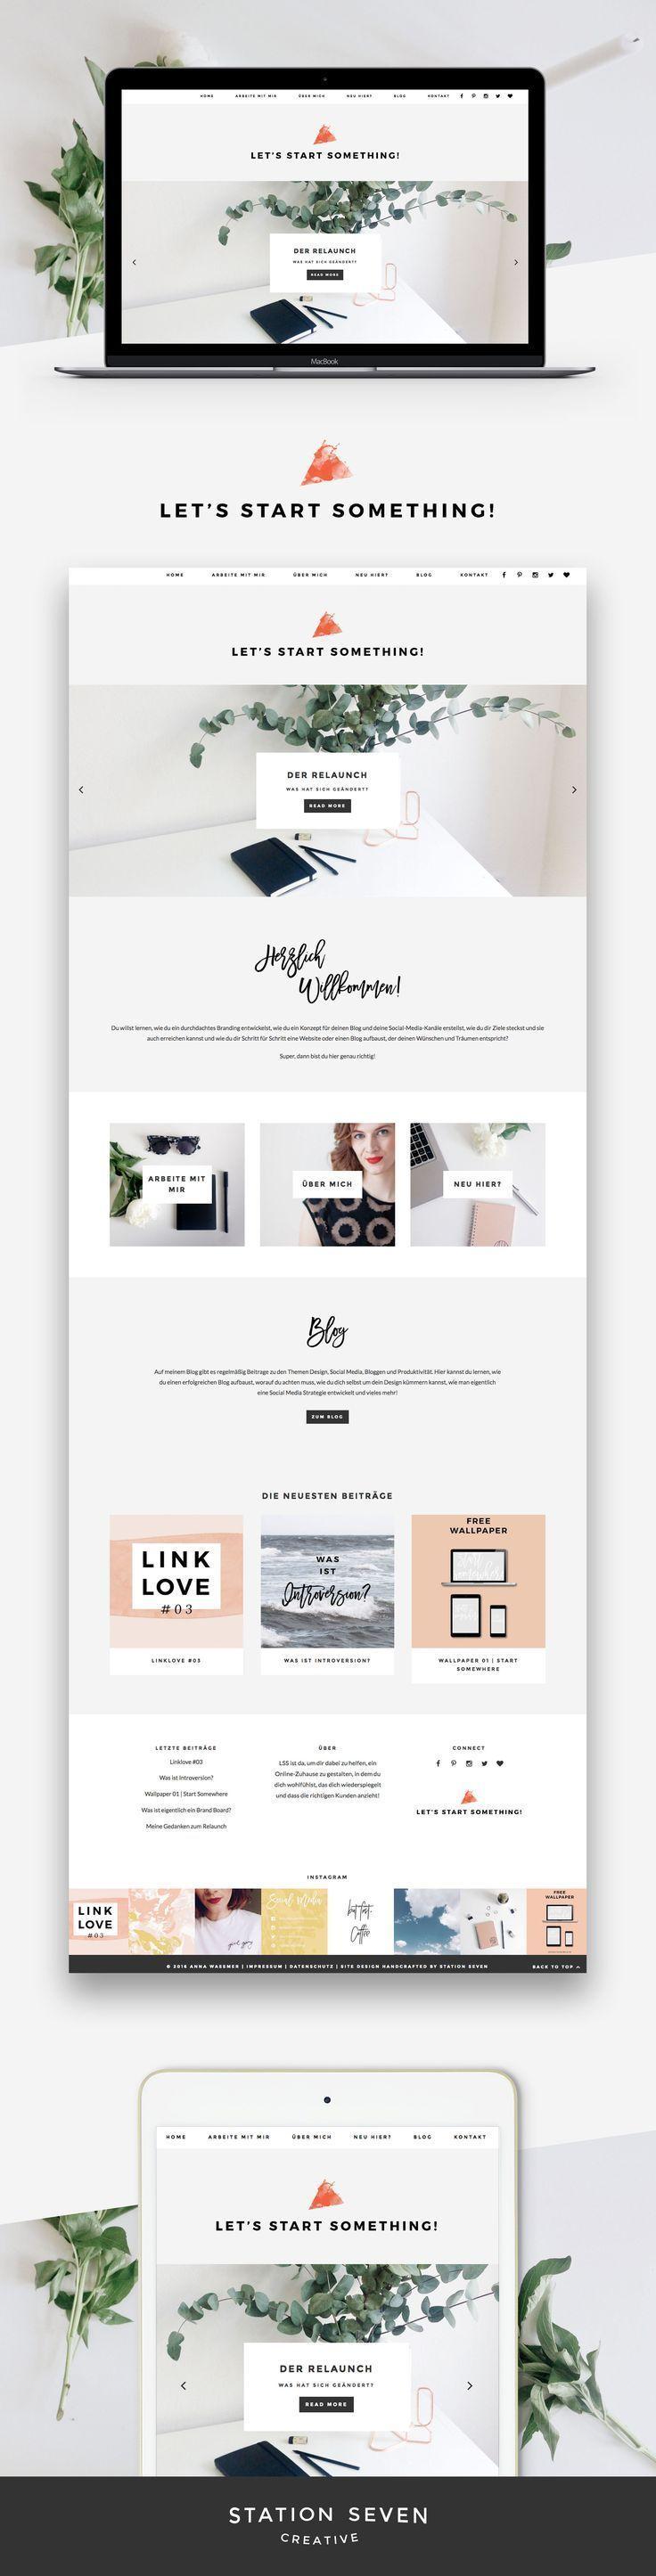 Bad design themen  best web design images on pinterest  graph design website and